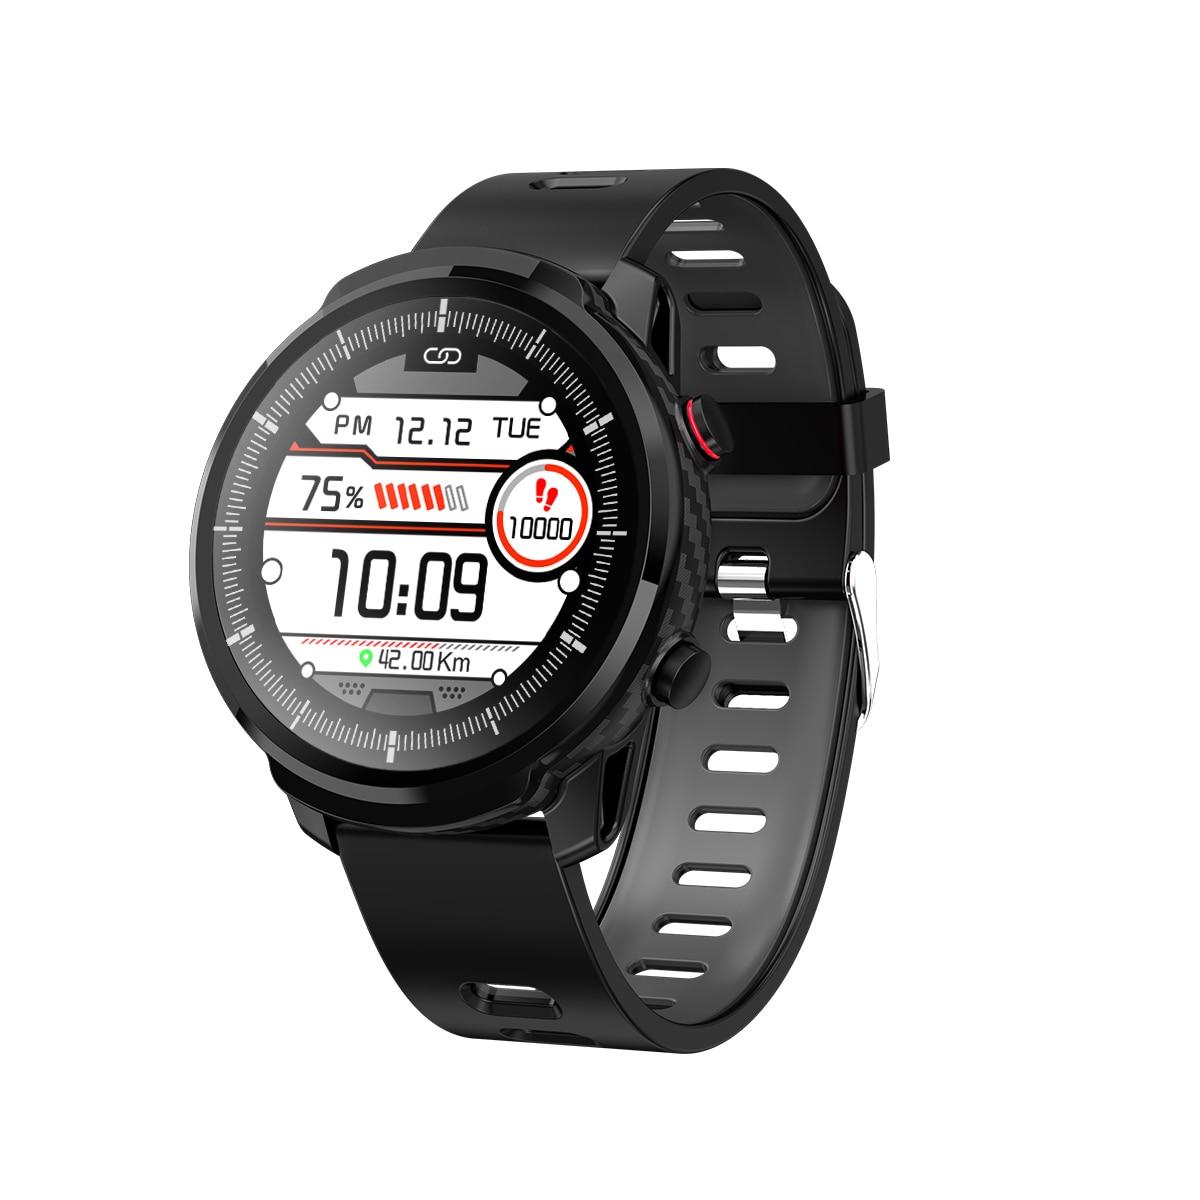 SENBONO S10 plus спортивные мужские Смарт часы с полным сенсорным экраном IP67 водонепроницаемые пульсометр трекер артериального давления умные ча